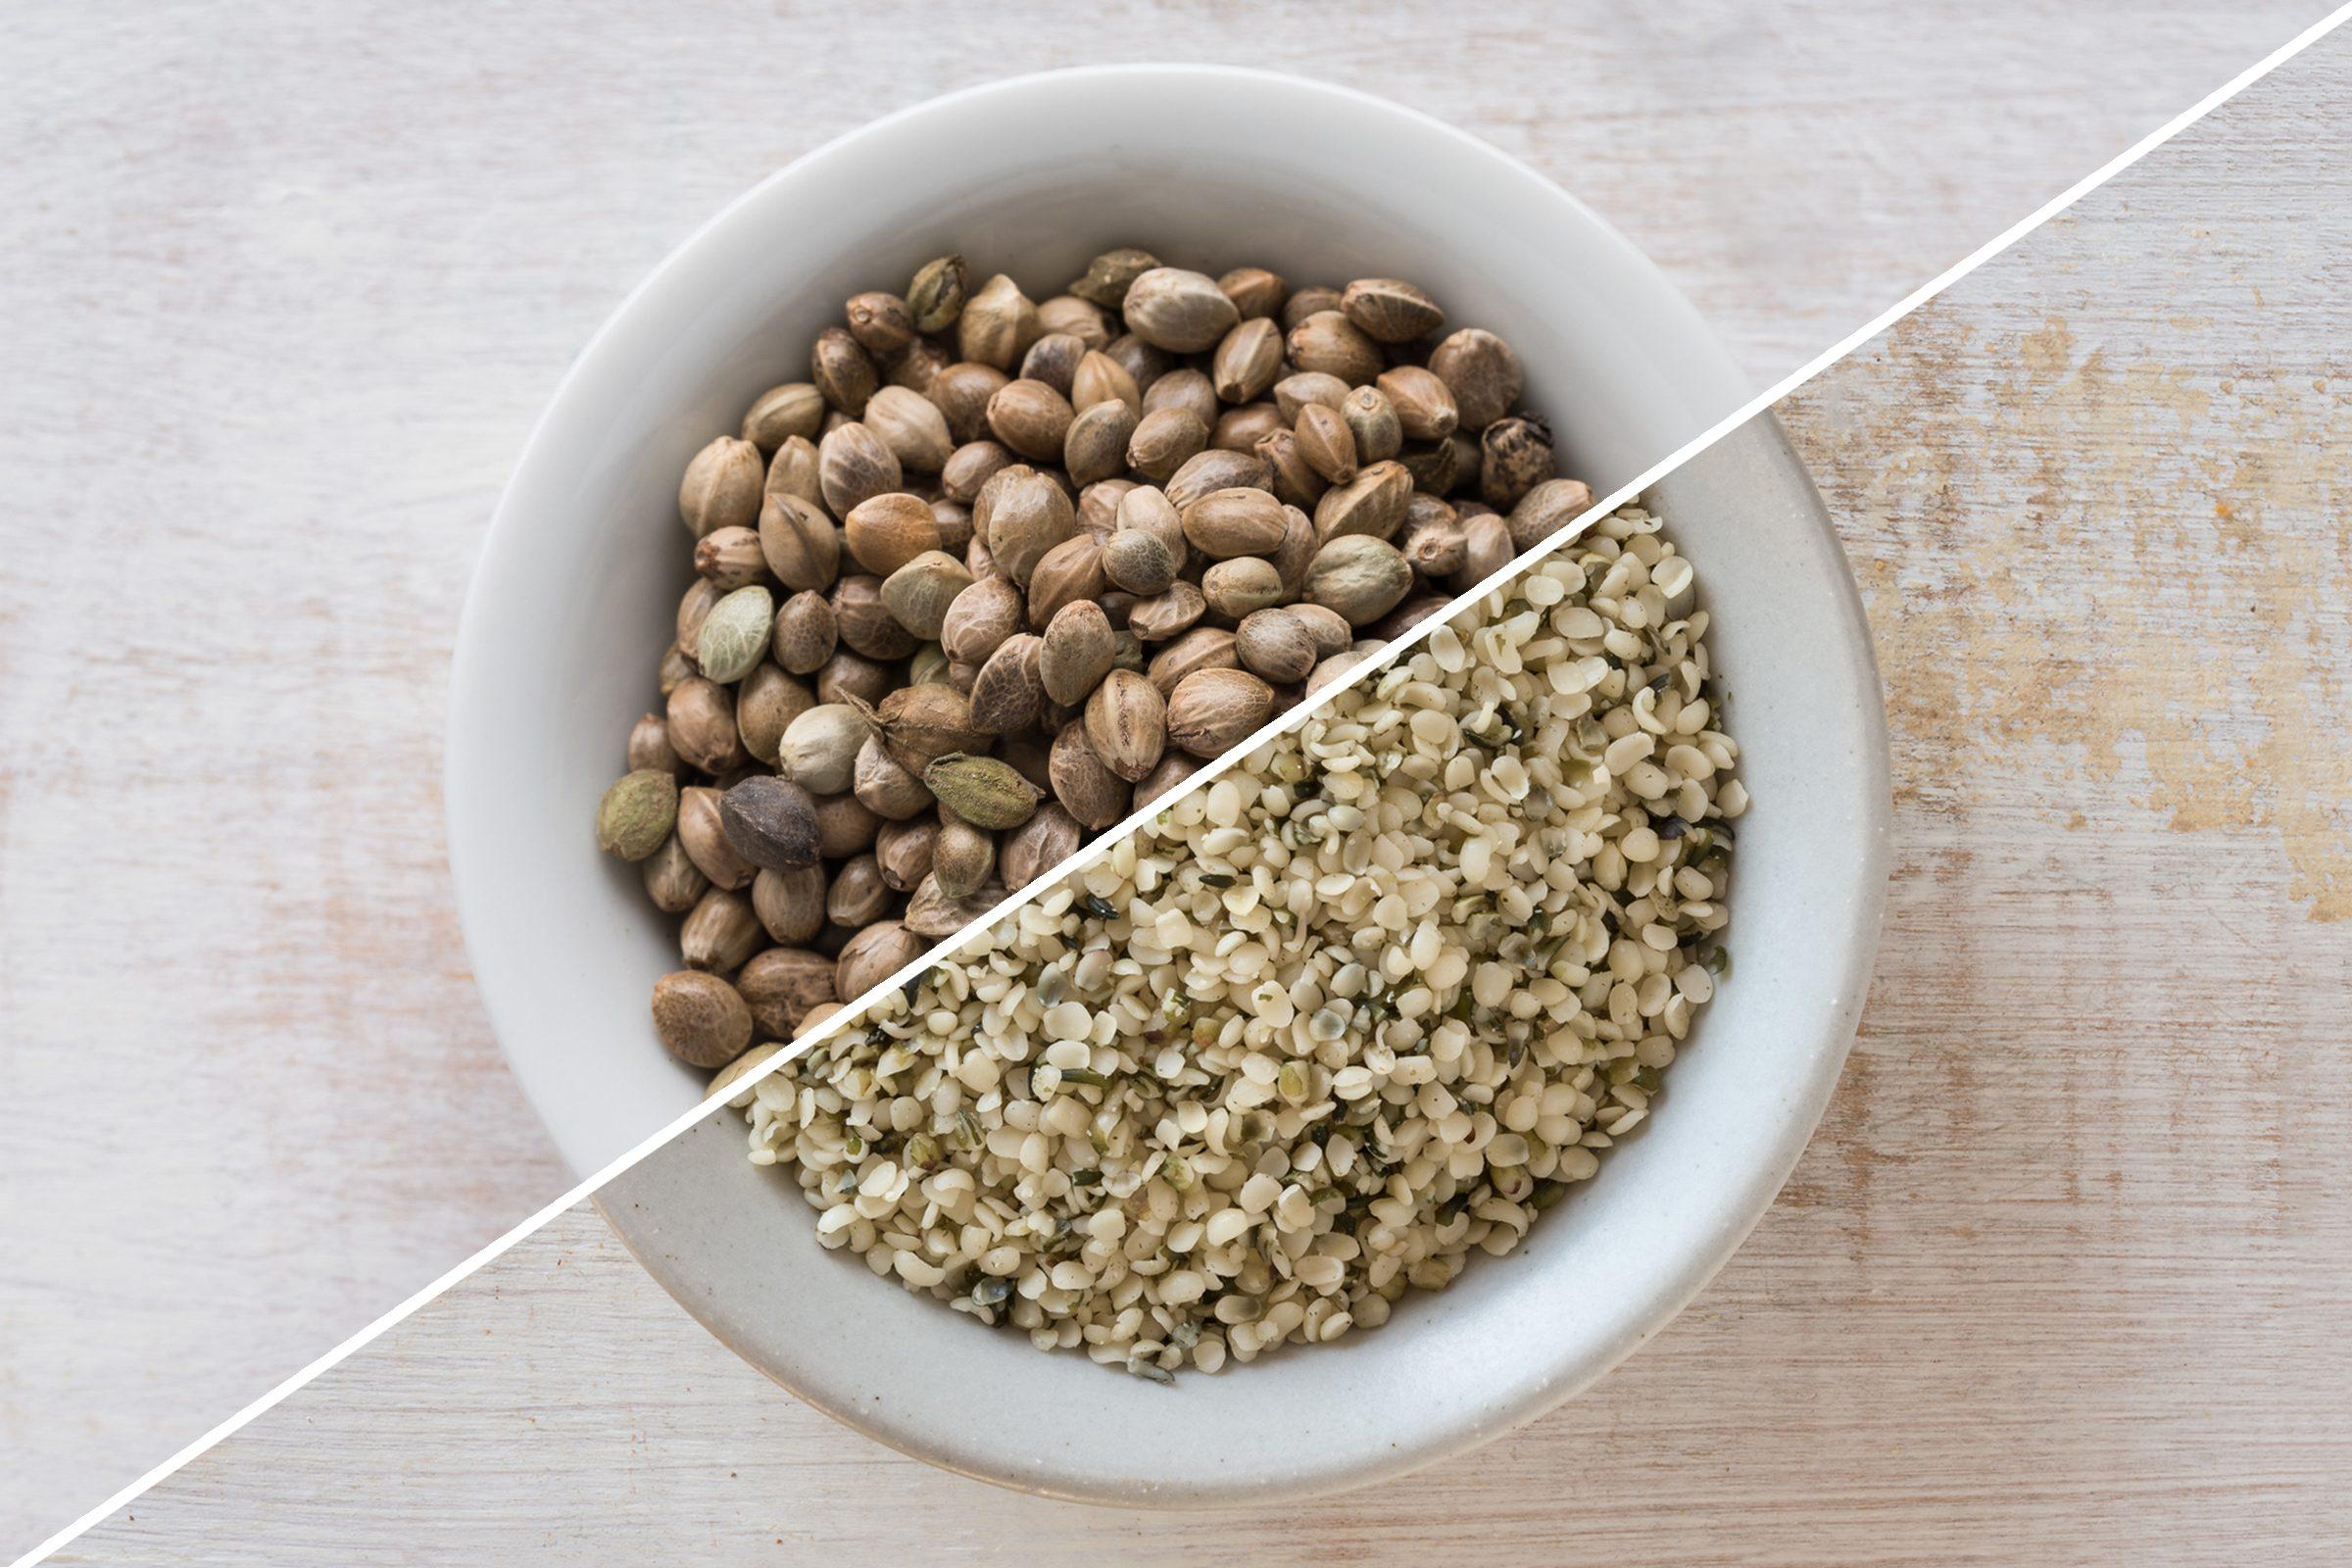 hemp-hearts-vs-hemp-seeds-1.jpg